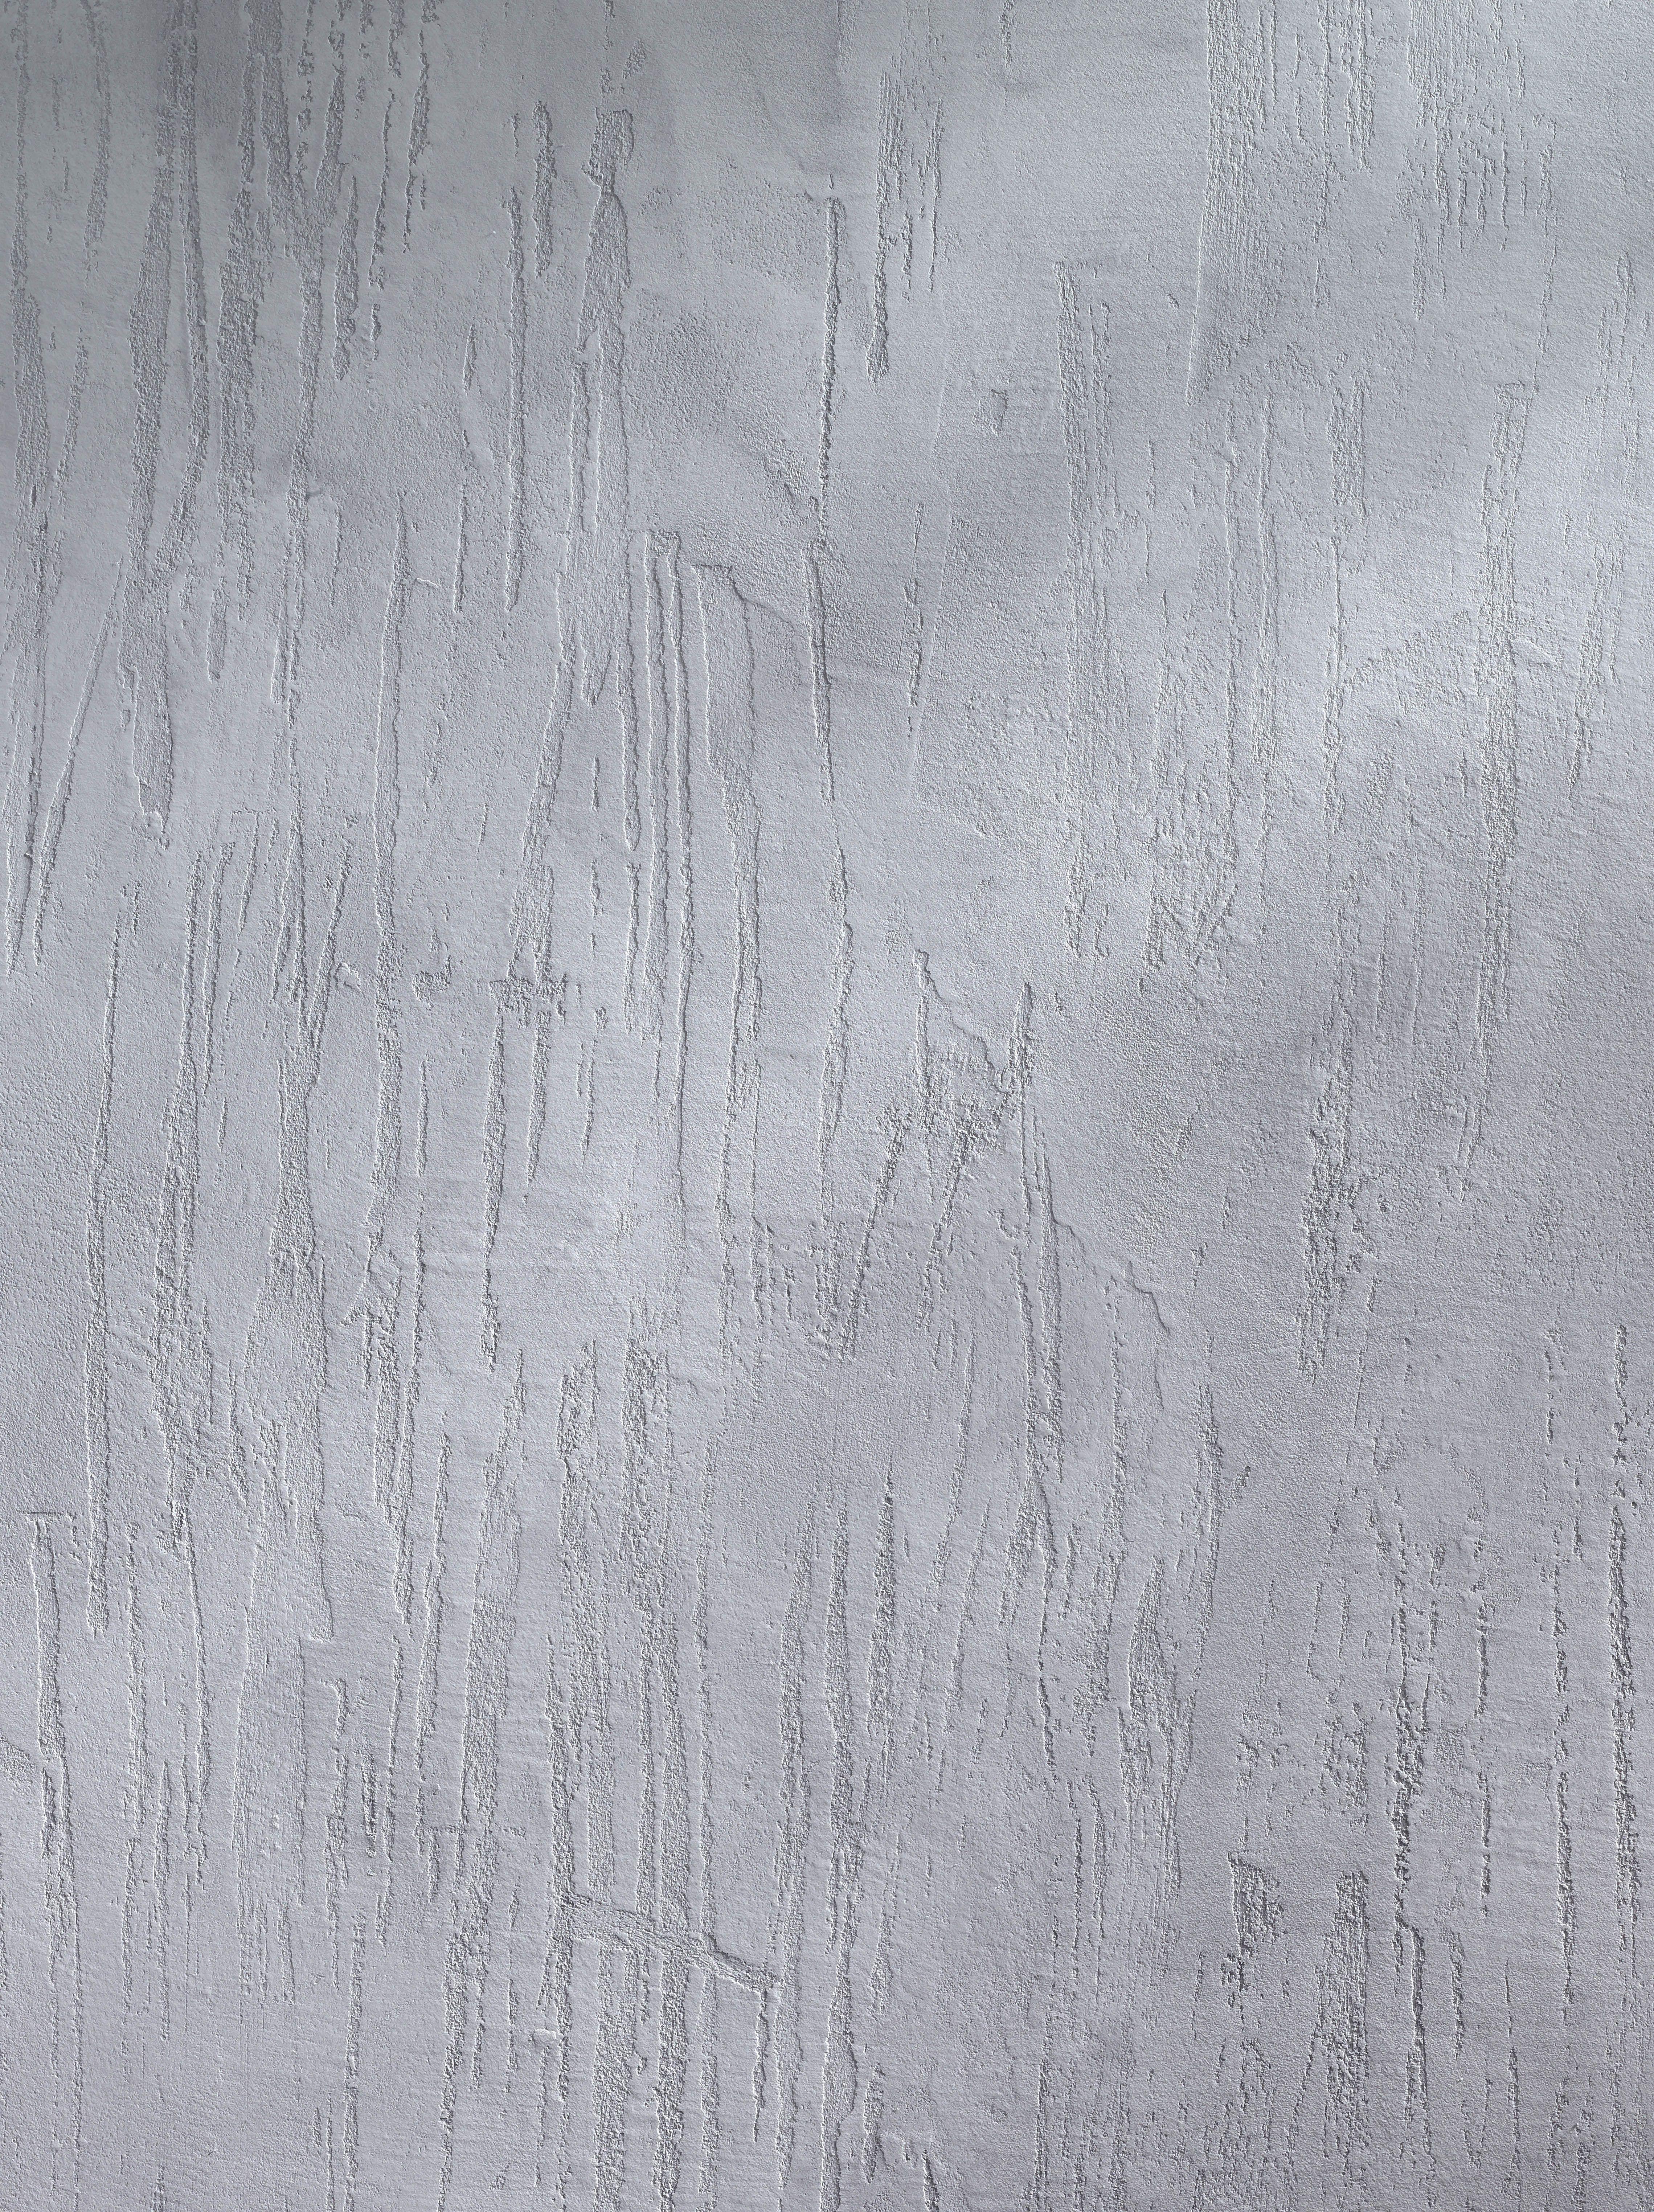 tynk dekoracyjny tikkurila be special decor retro bejca tikkurila tynk dekoracyjny tikkurila be special decor retro bejca tikkurila be special decor lasyr